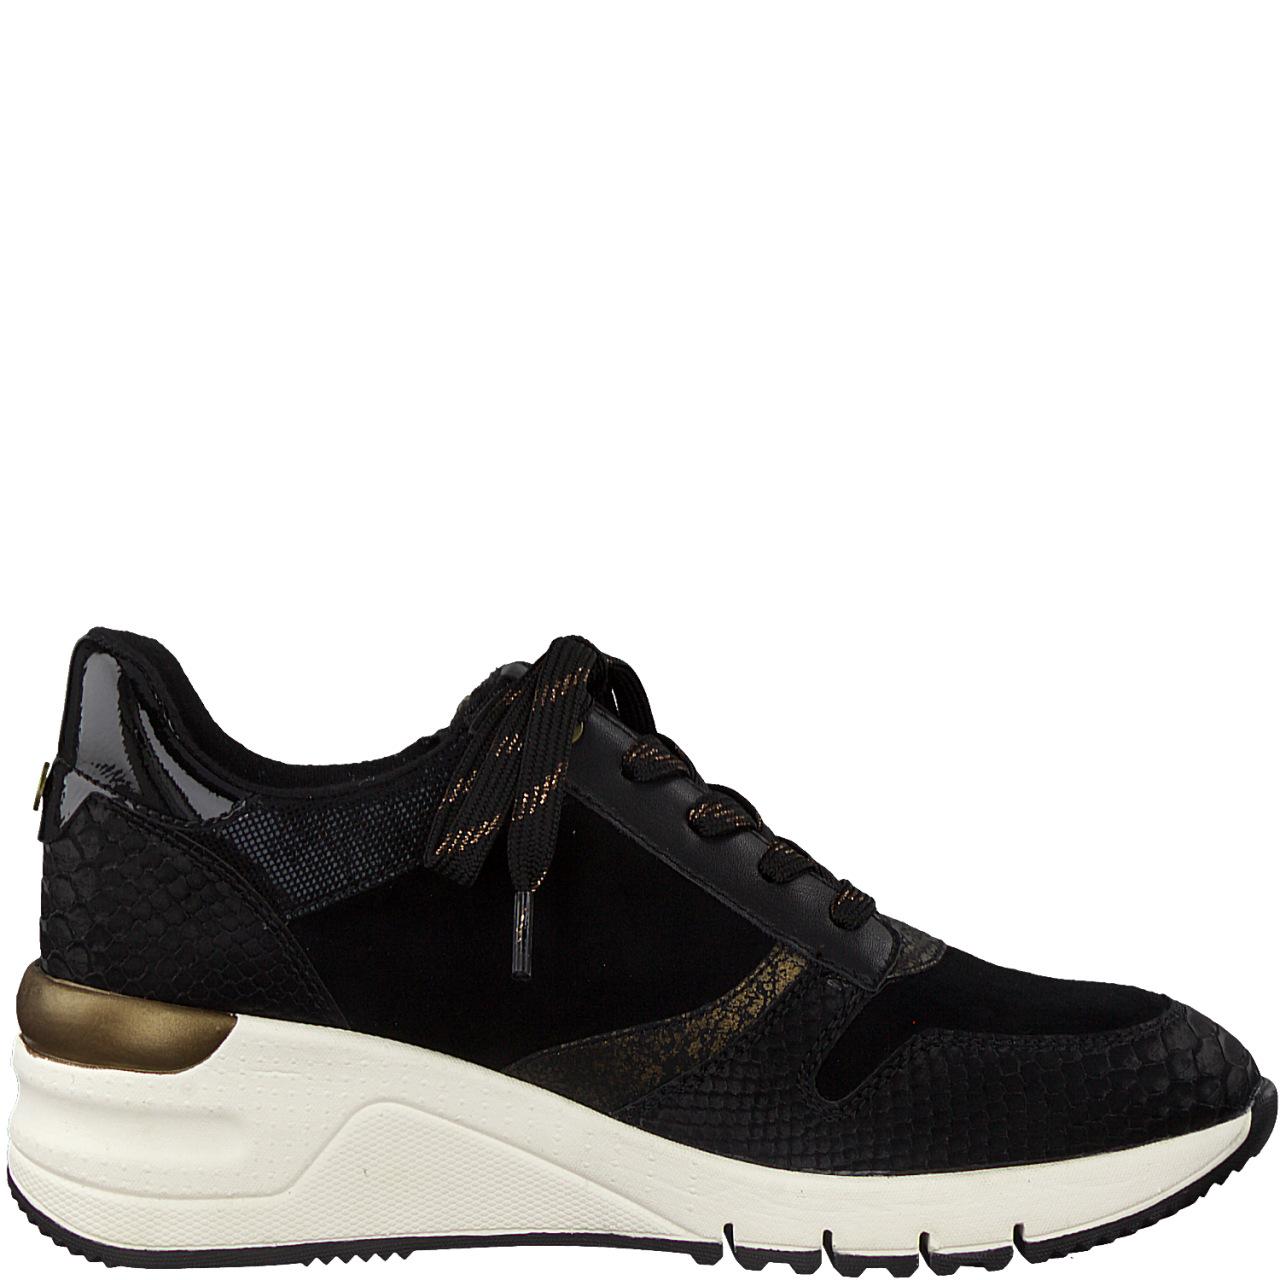 Tamaris 23702 sneakers, black, 41